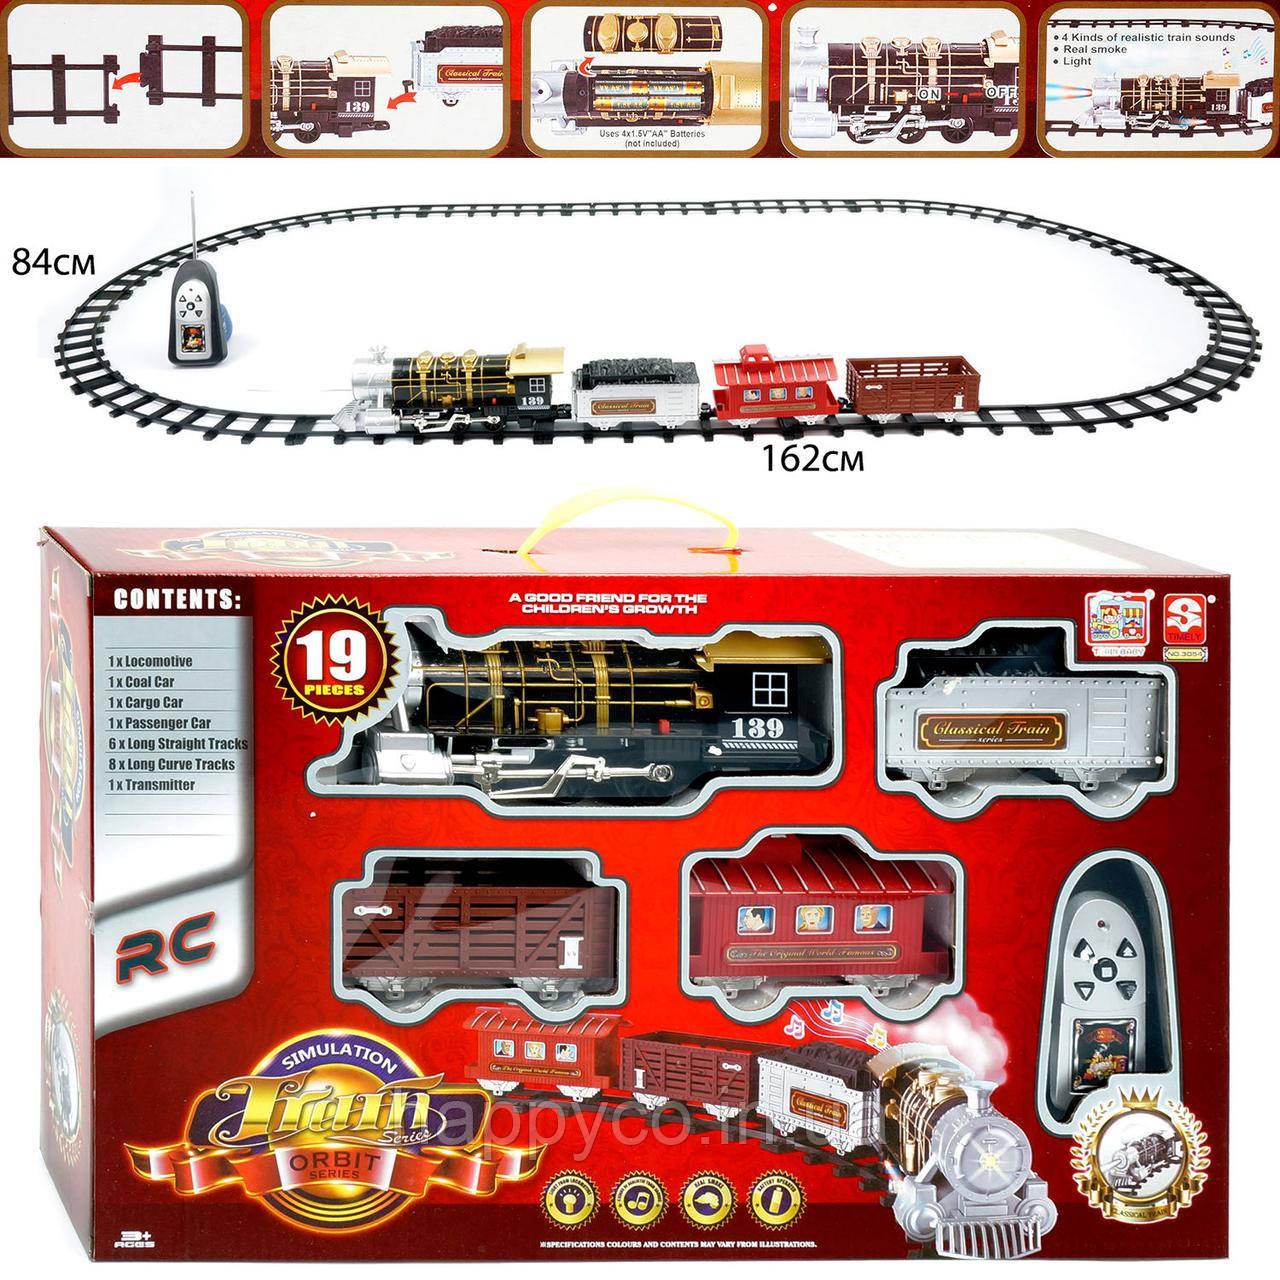 Игрушка для мальчиков железная дорога  паровоз на р/у, свет, звук, в коробке